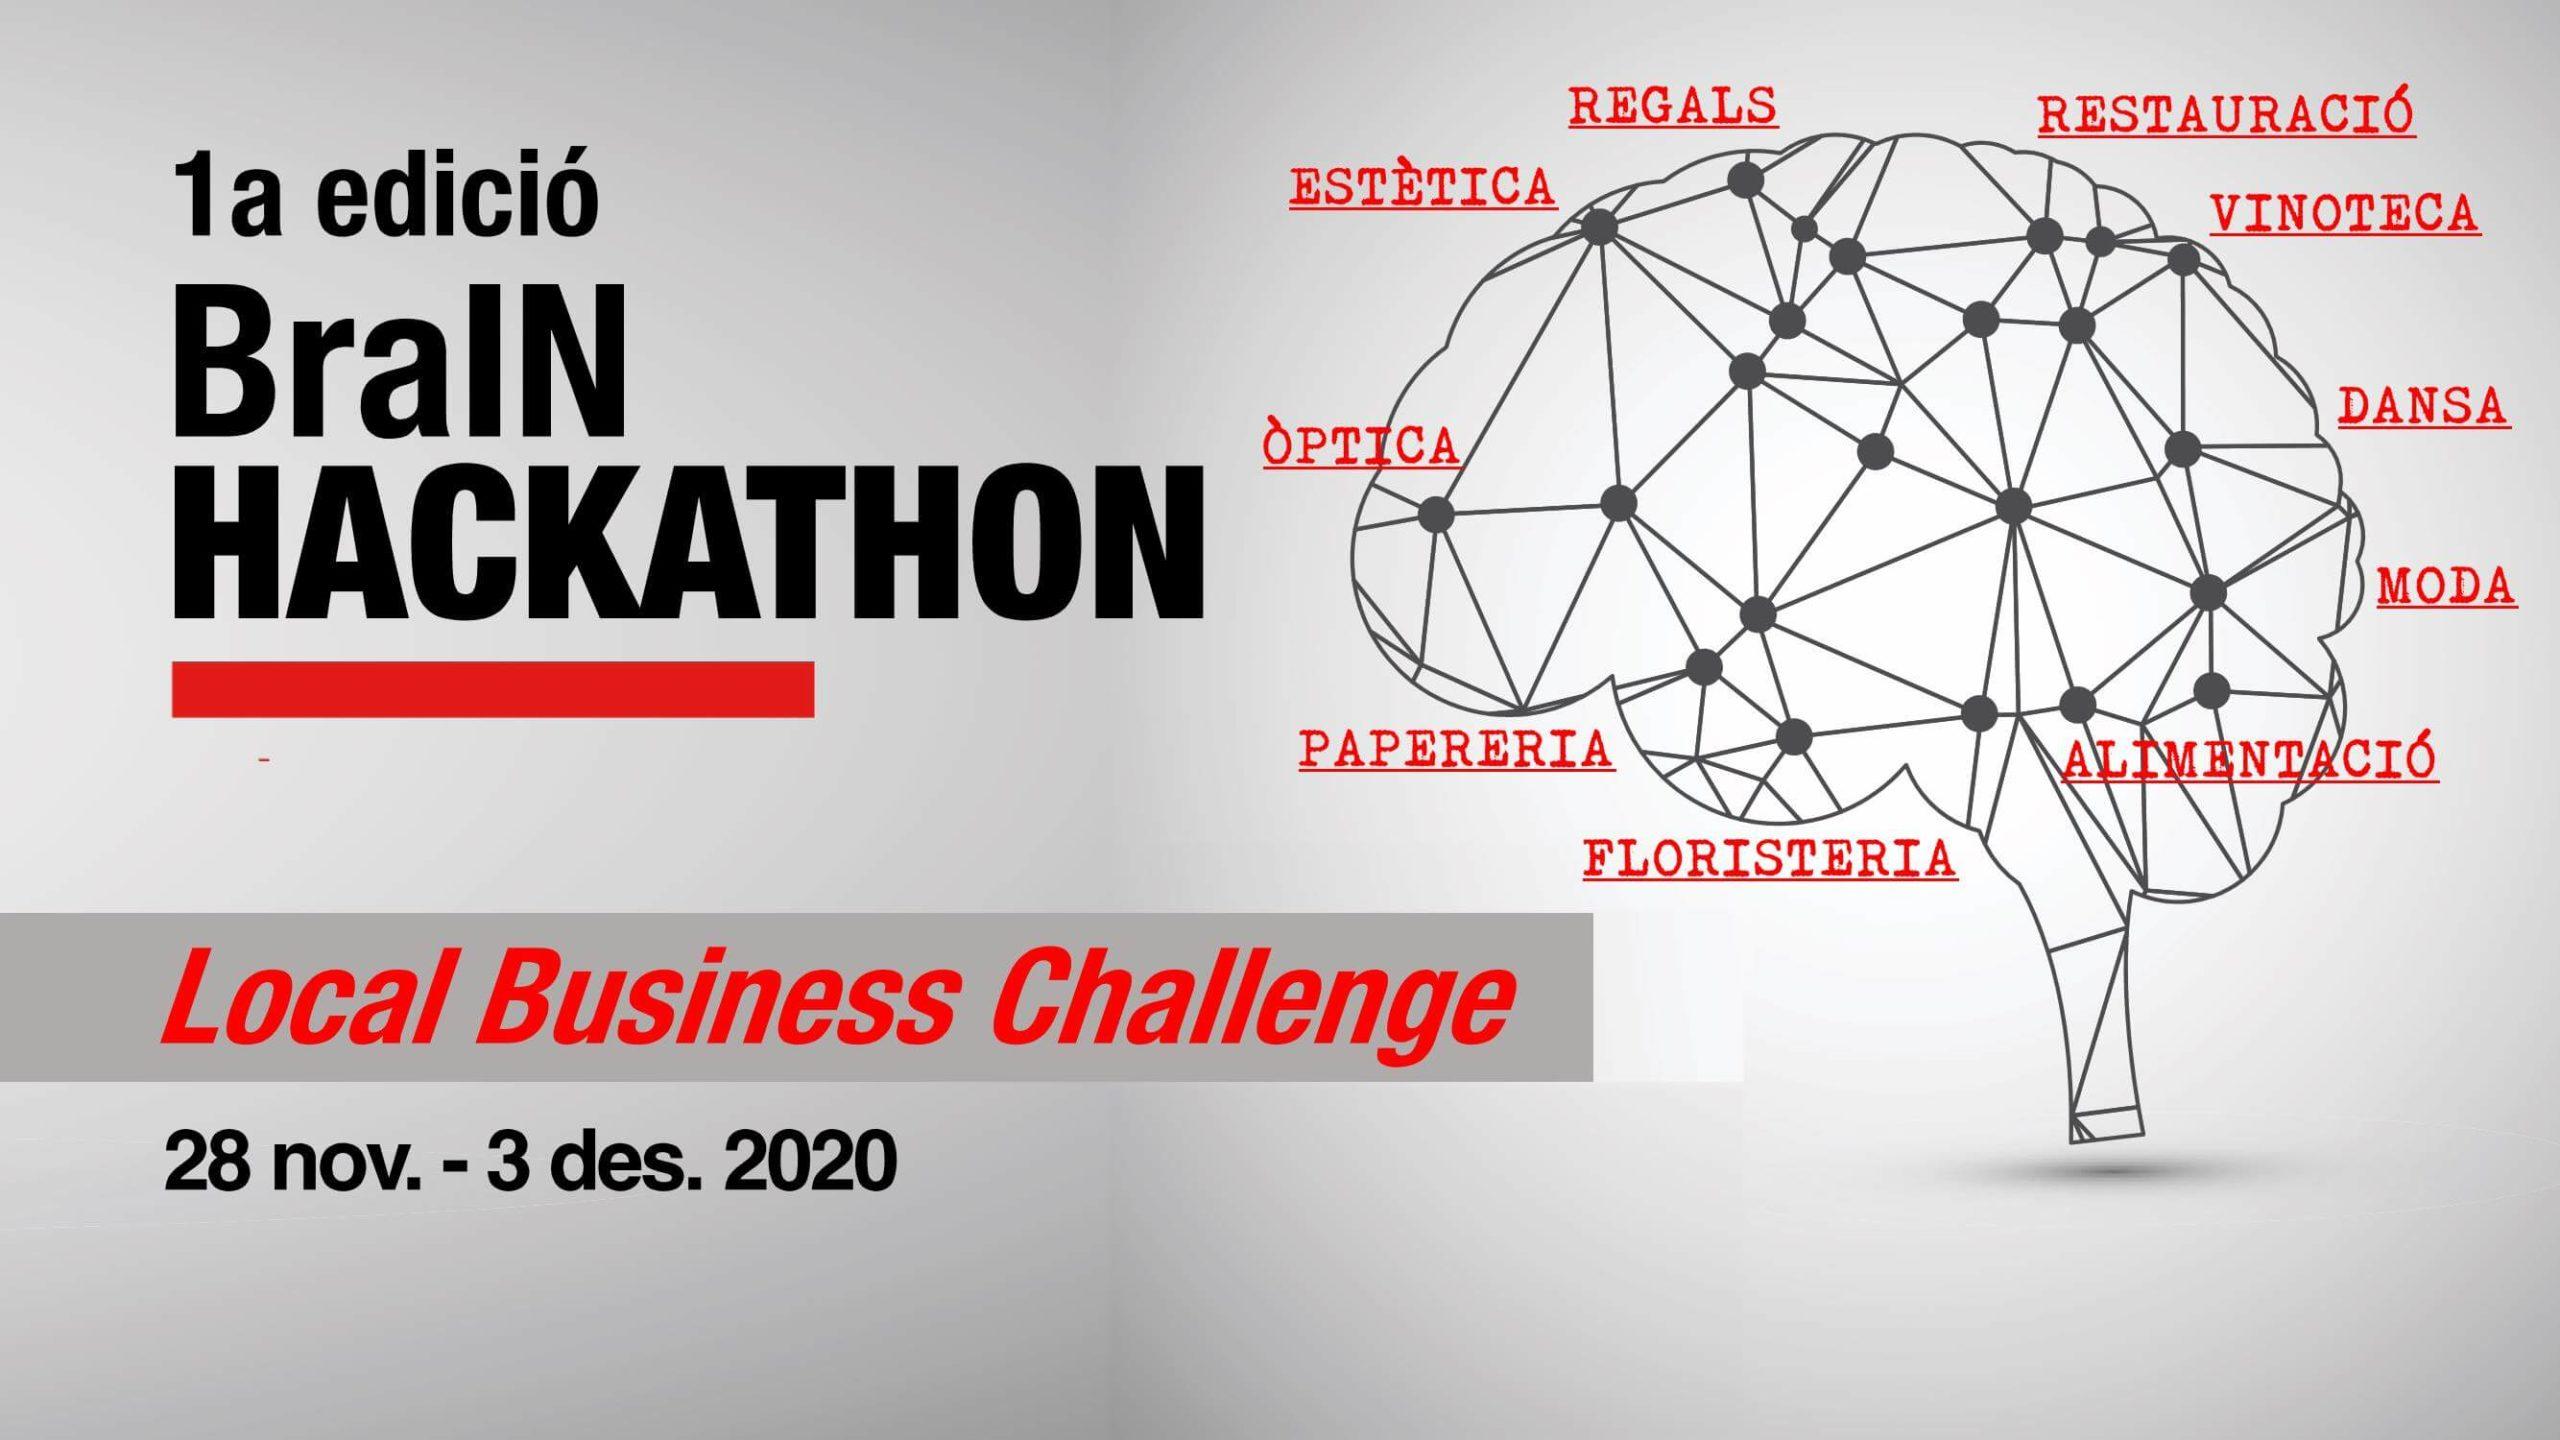 1a edició BraIN Hackathon Local Business Challenge